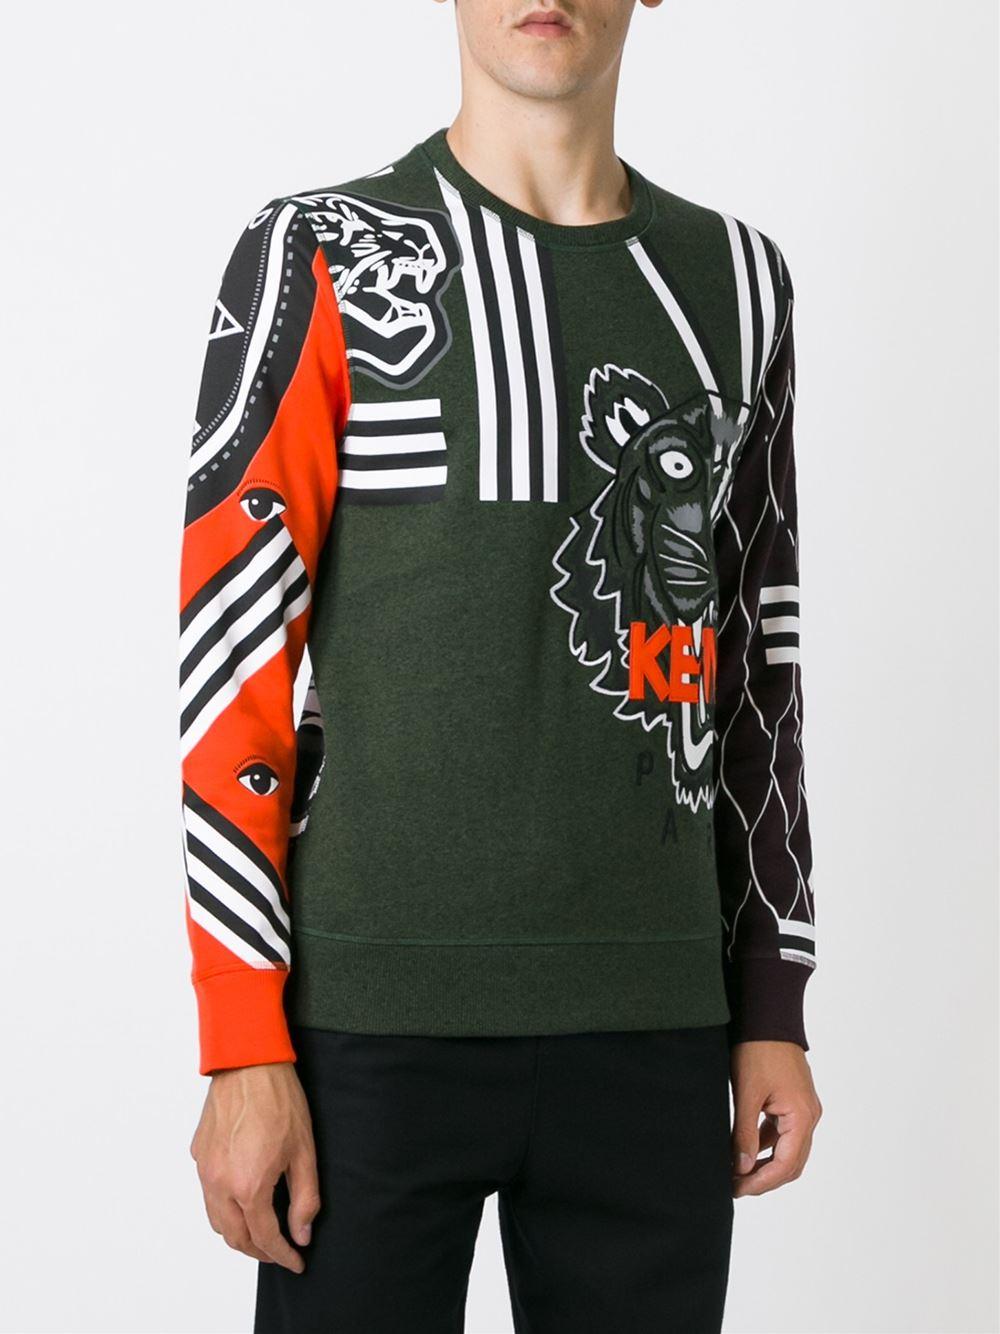 9a7ba24b00 KENZO Cotton Multi Logo Sweatshirt in Green for Men - Lyst